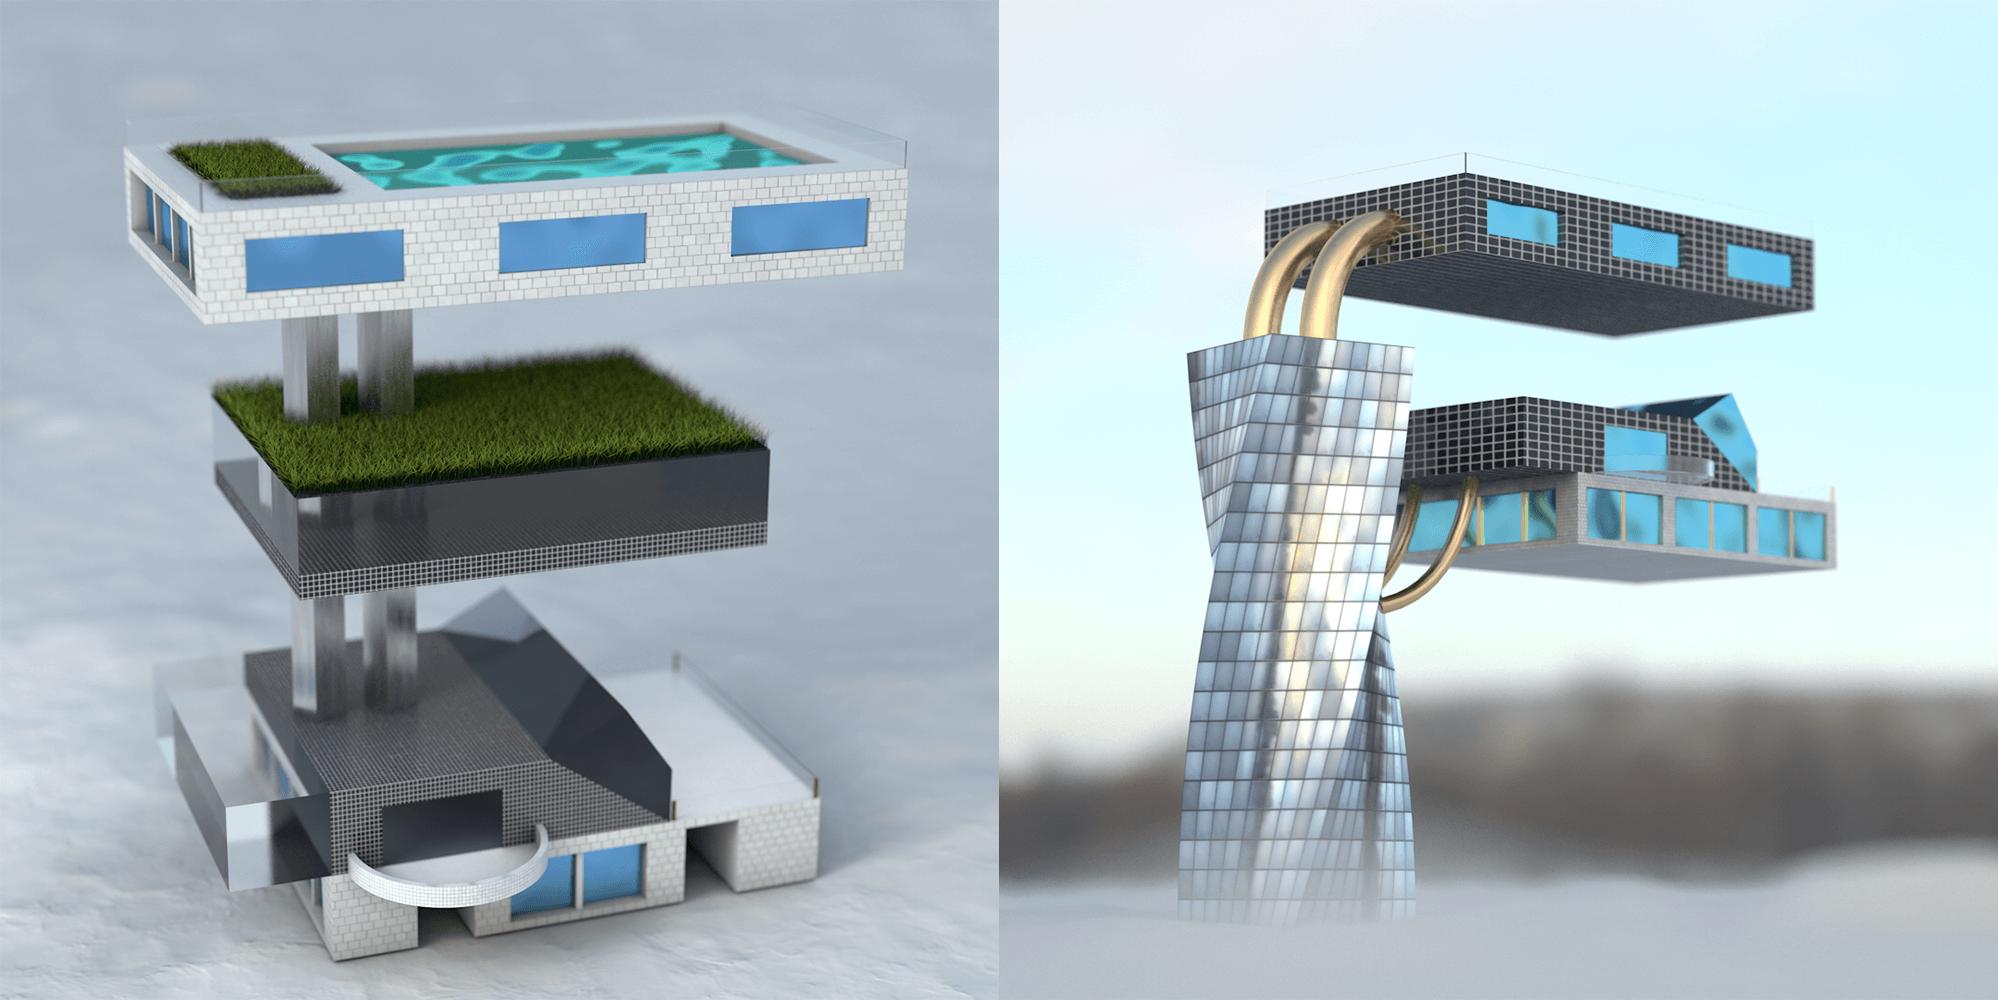 cgi-buildings-type-carla-elias-3dart